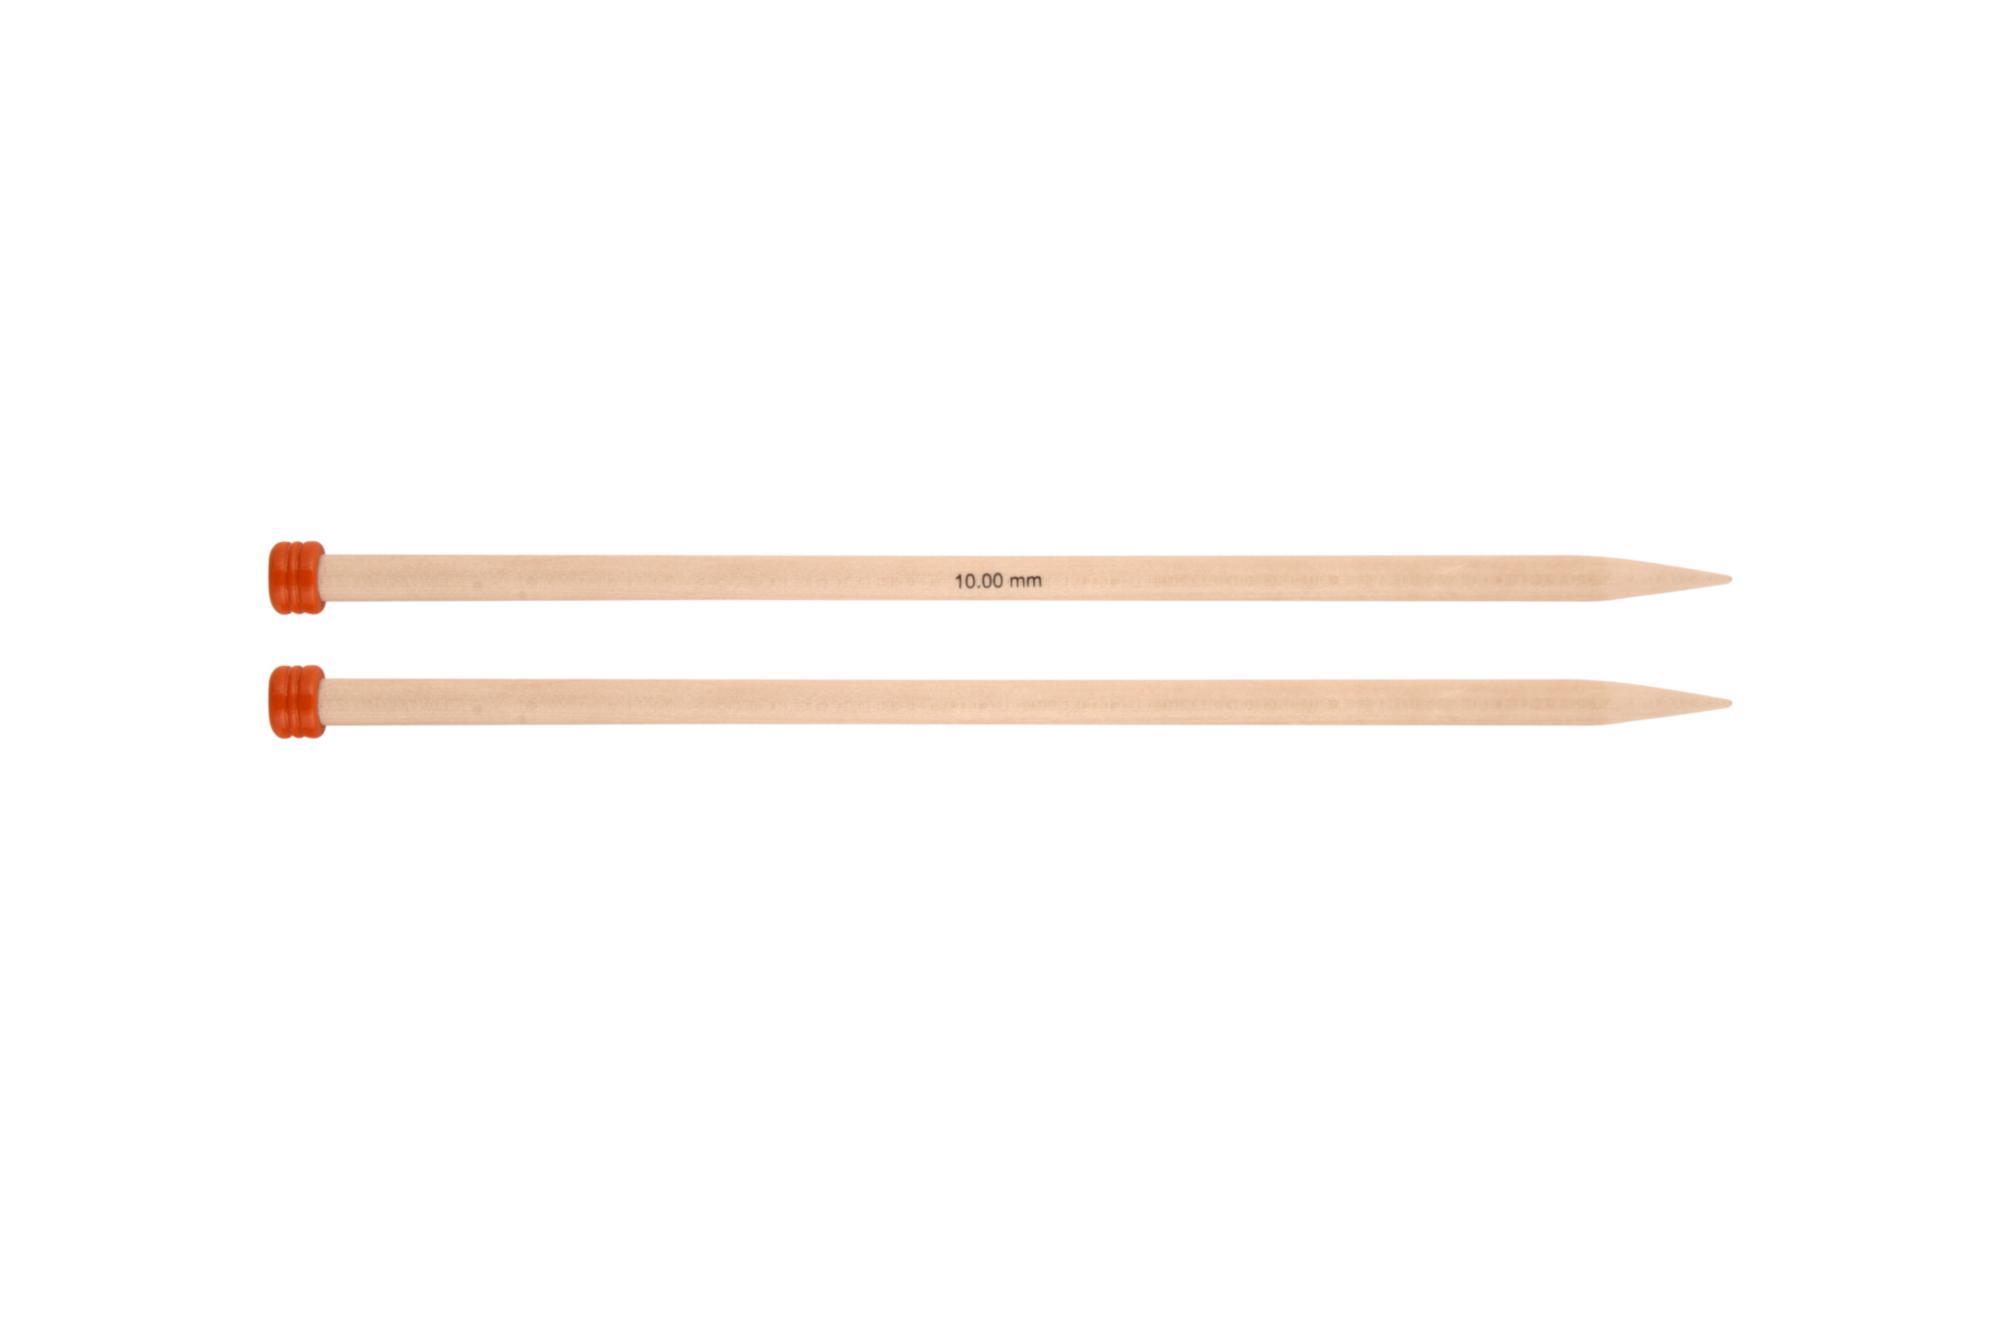 Спицы прямые 30 см Basix Birch Wood KnitPro, 35252, 12.00 мм